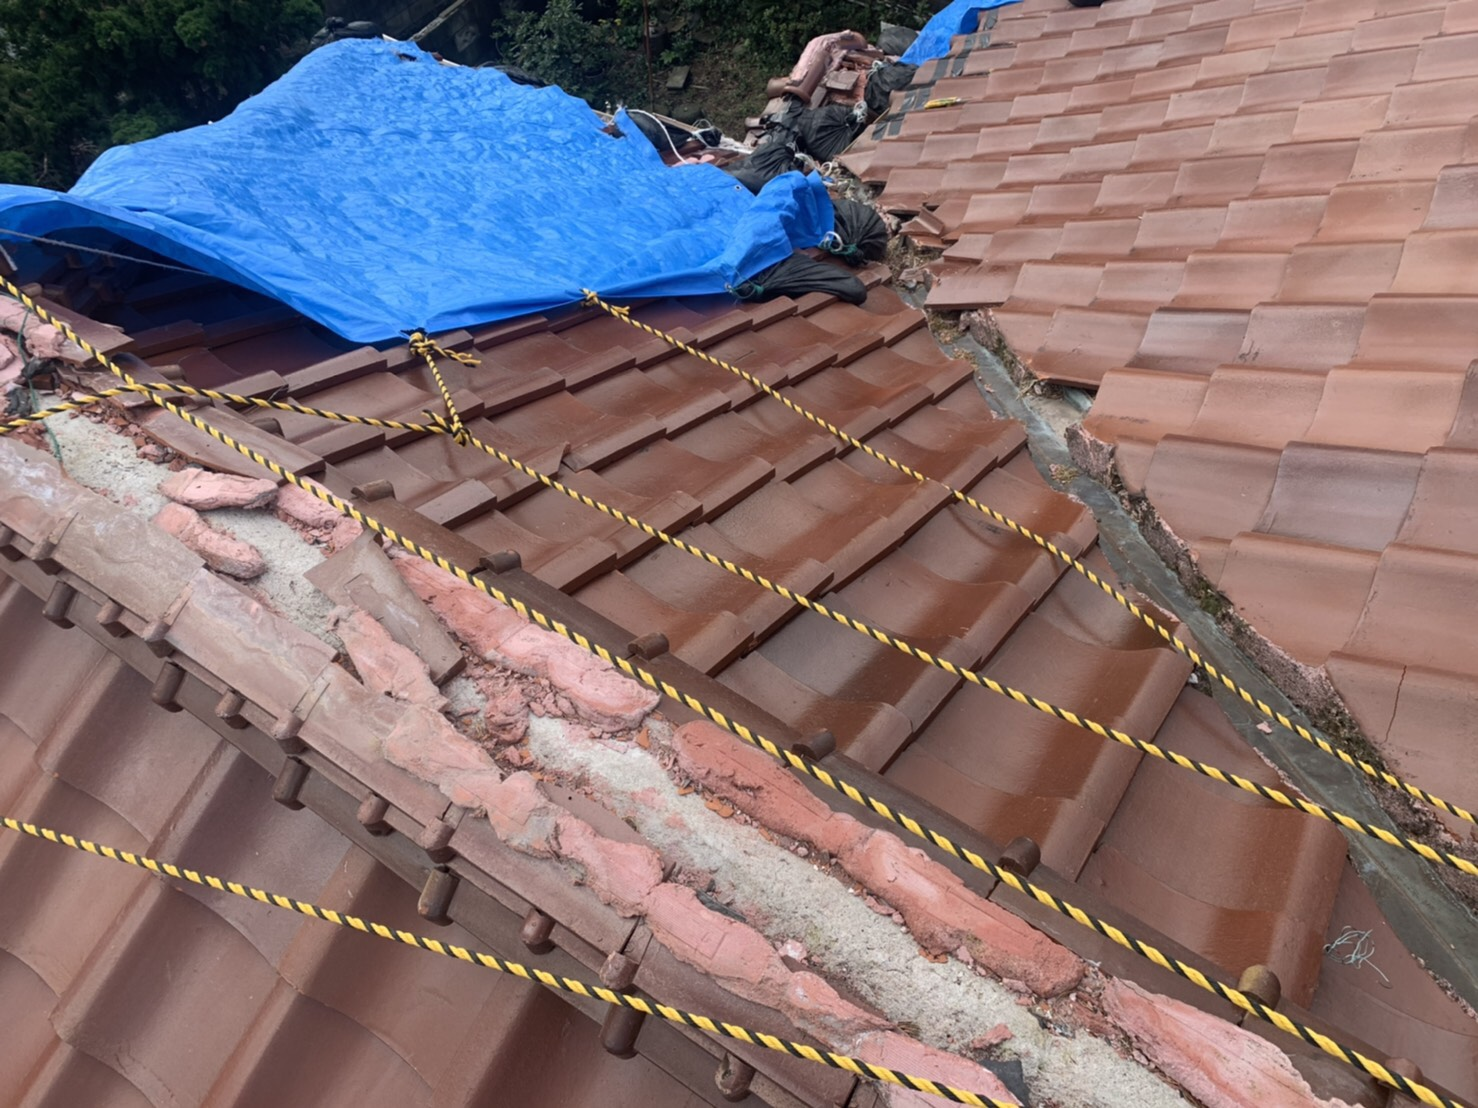 台風被害に遭われた瓦屋根、これから屋根工事していきます!